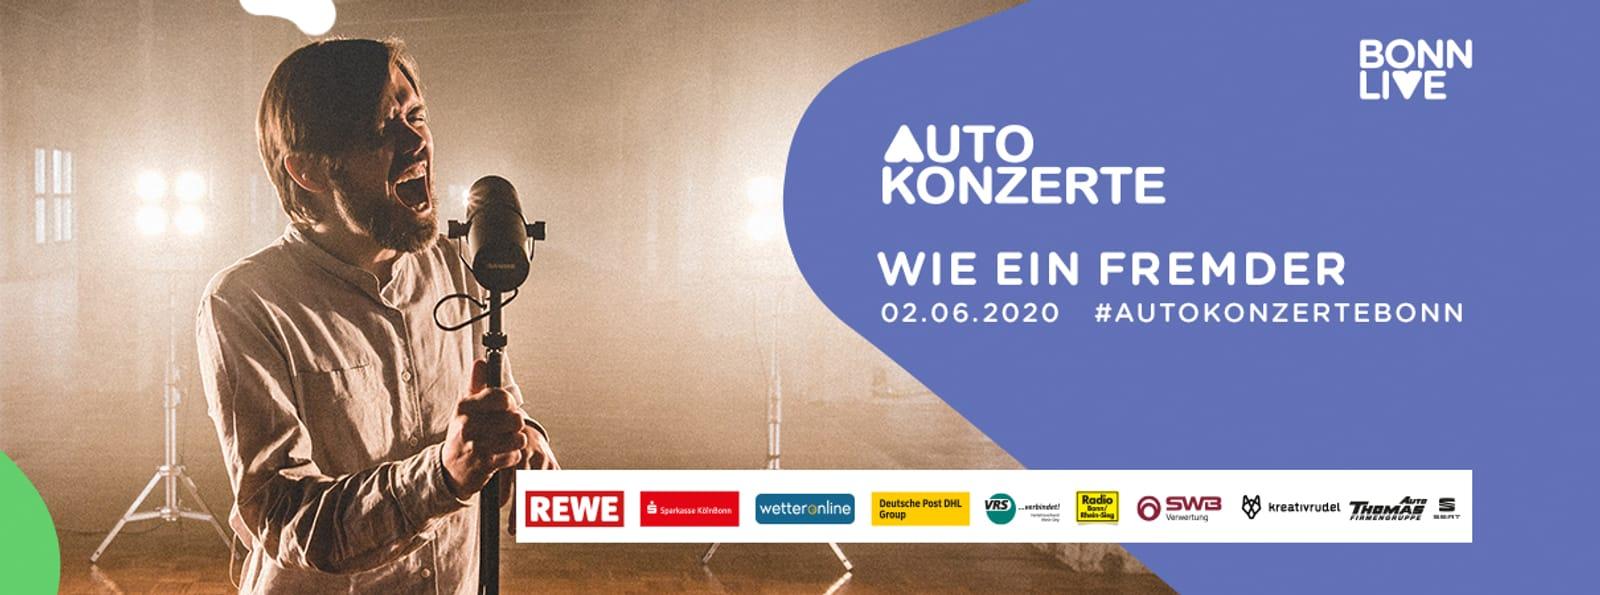 Wie ein Fremder (Premiere) & Live-Musik von SCHWARZ & Gästen  | BonnLive Autokonzerte